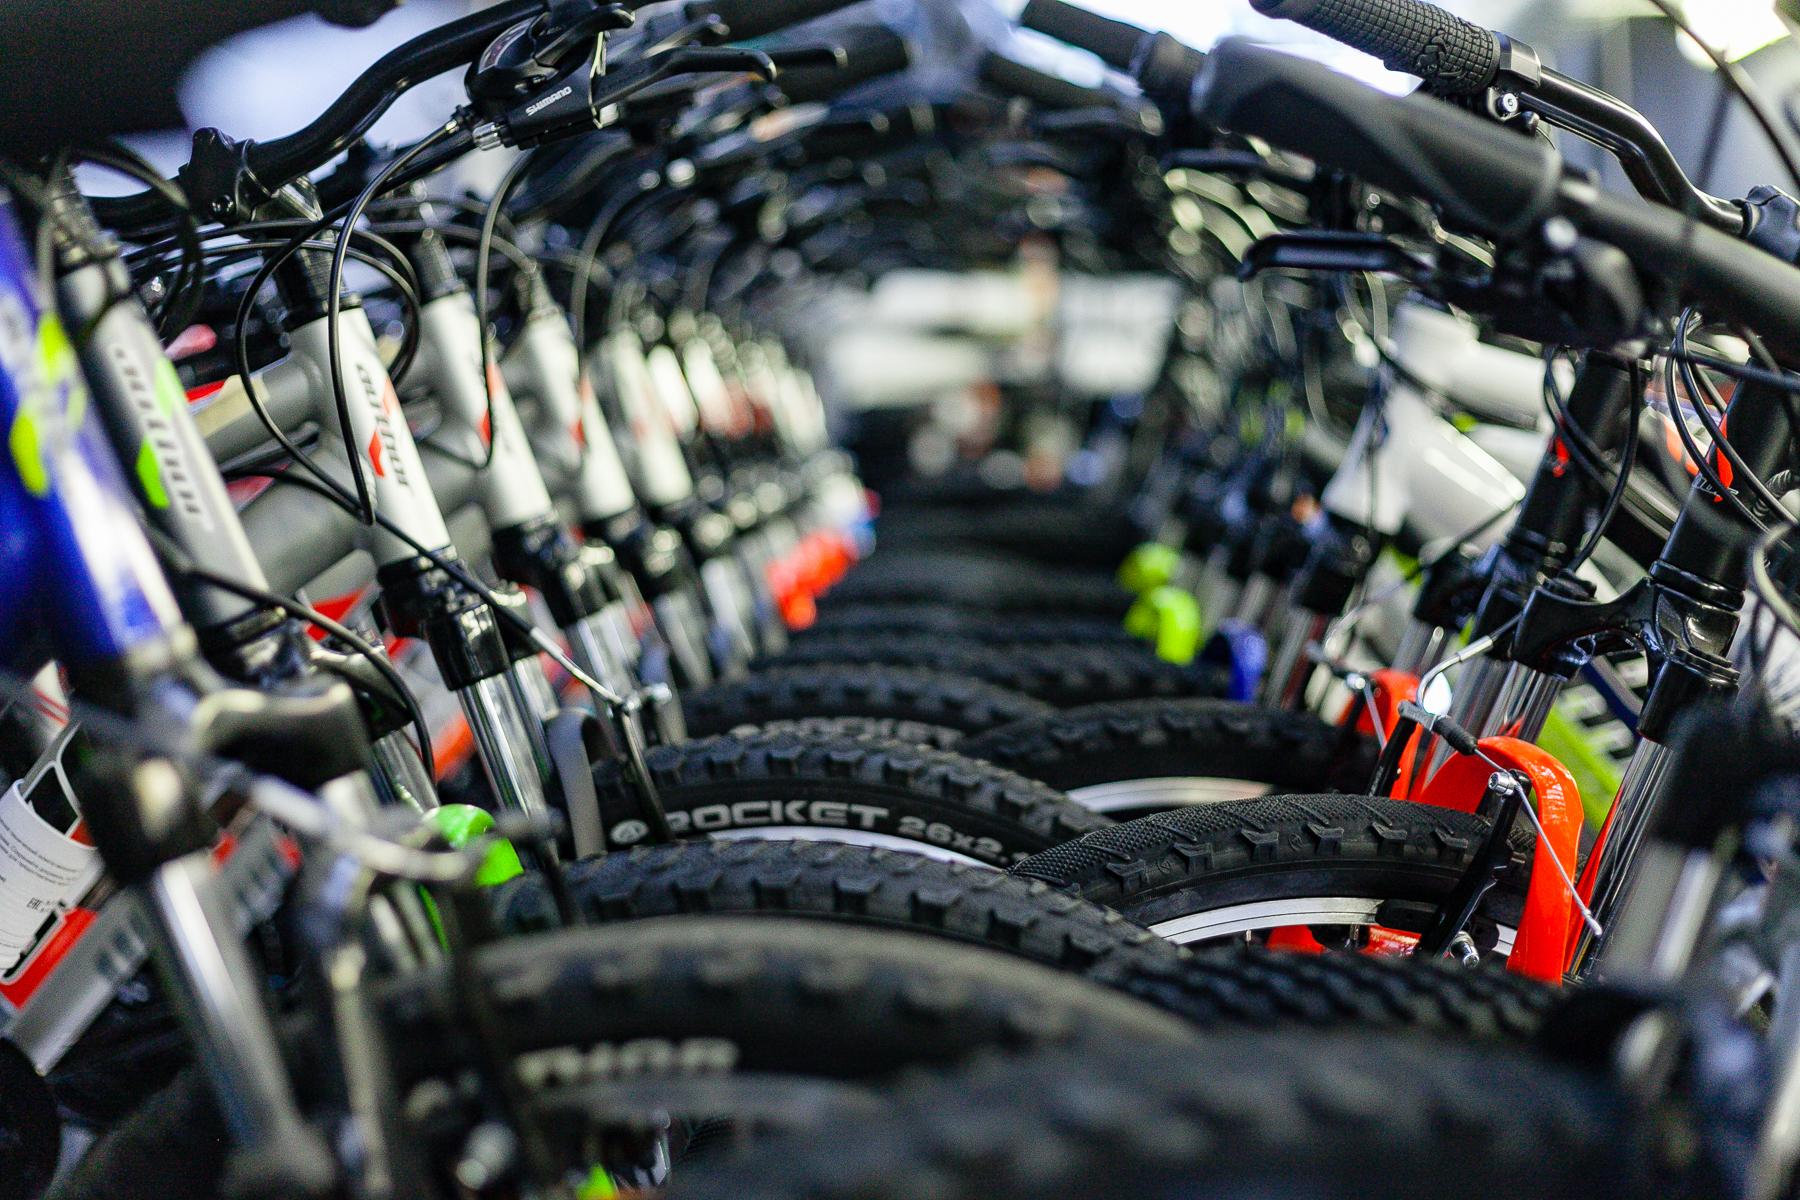 Покупка велосипеда через интернет: широкий ассортимент, низкие цены.